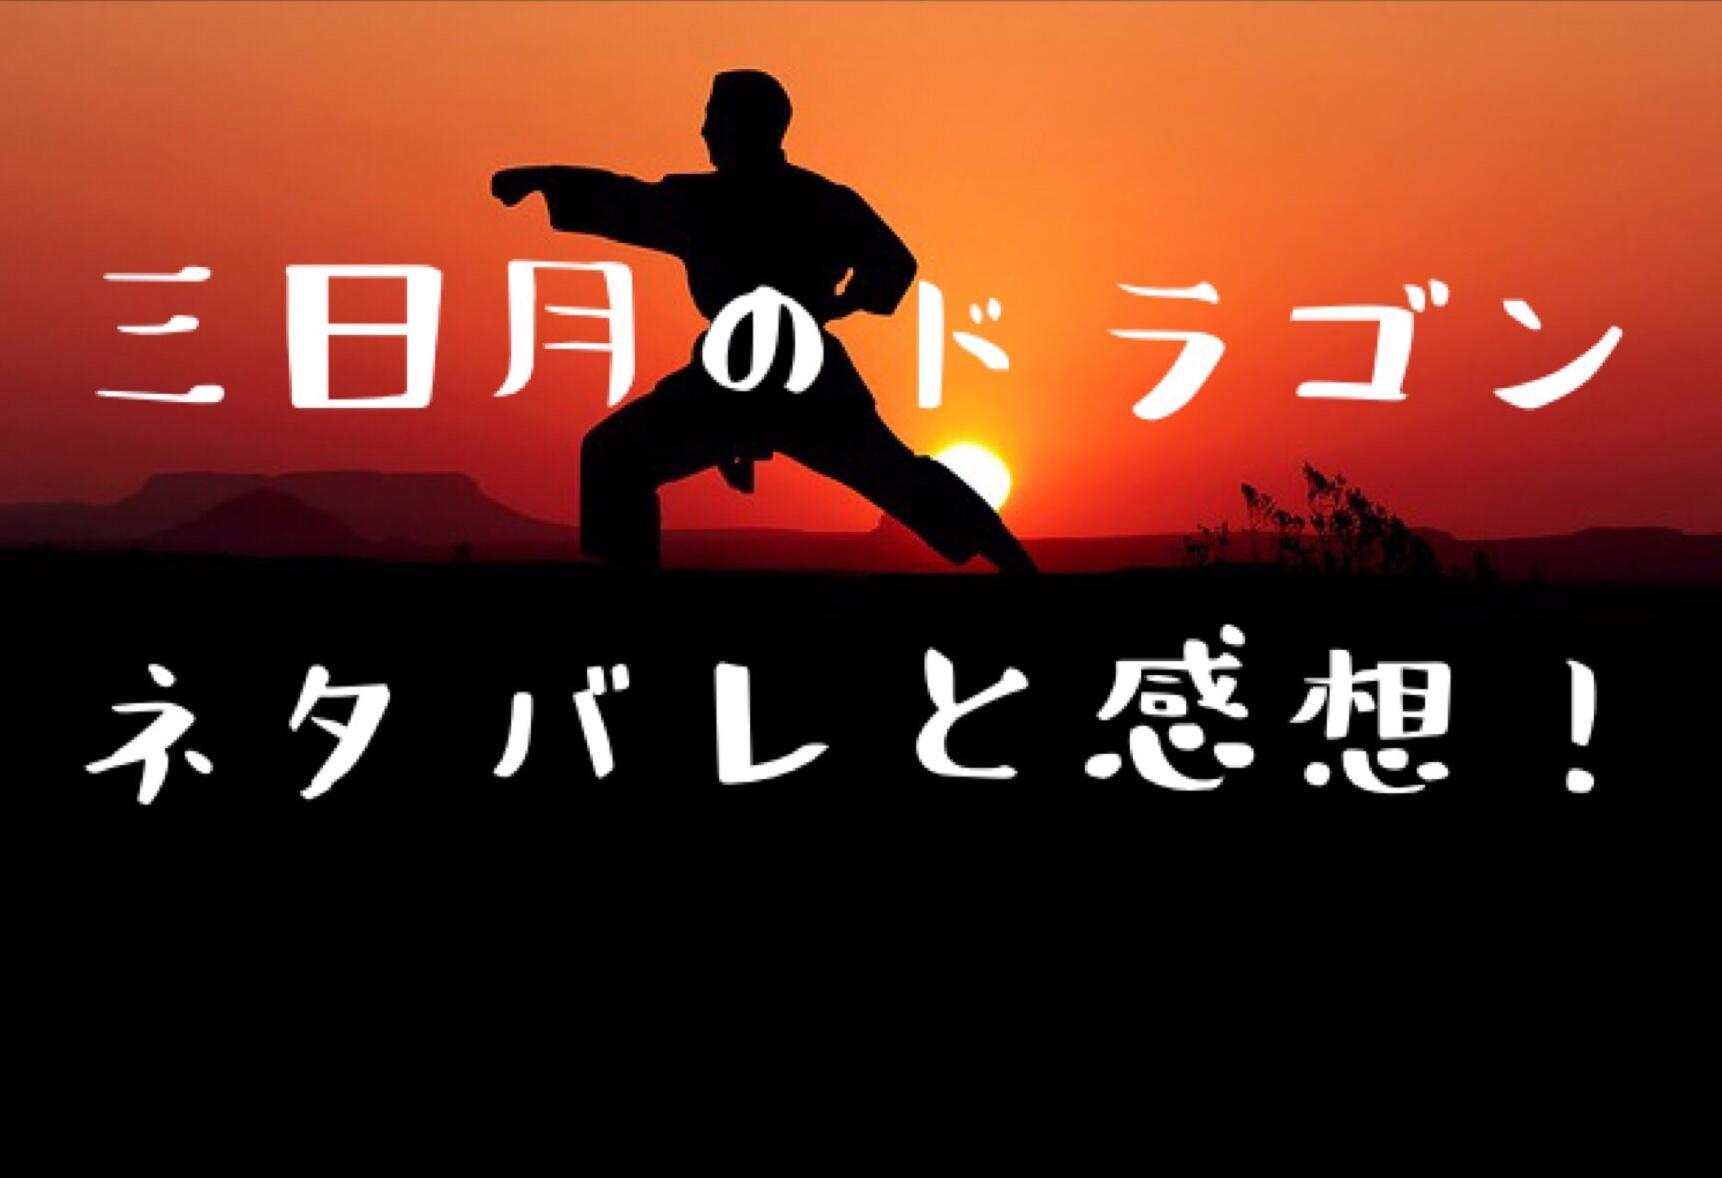 三日月のドラゴン【最新第26話】のネタバレと感想!